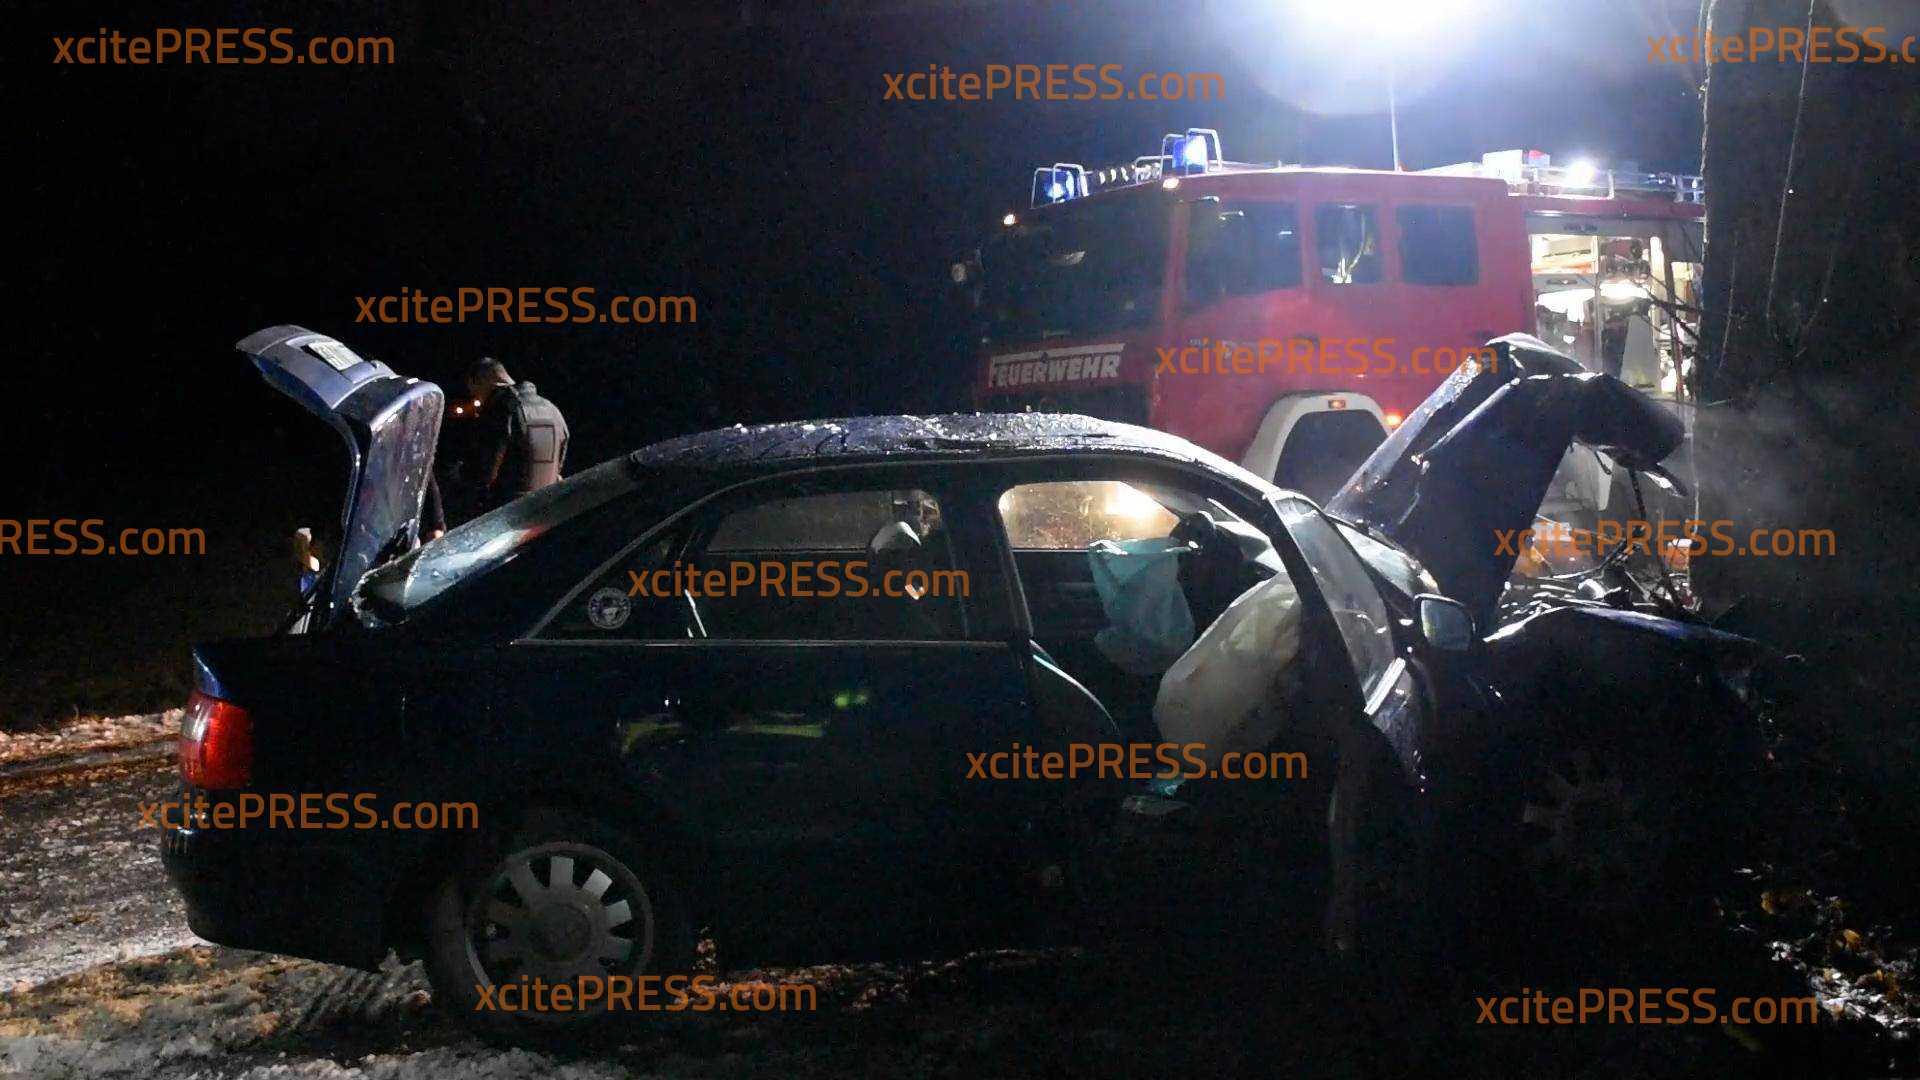 Schwerer Crash bei Glätte: PKW kracht gegen Baum - 2 Verletzte